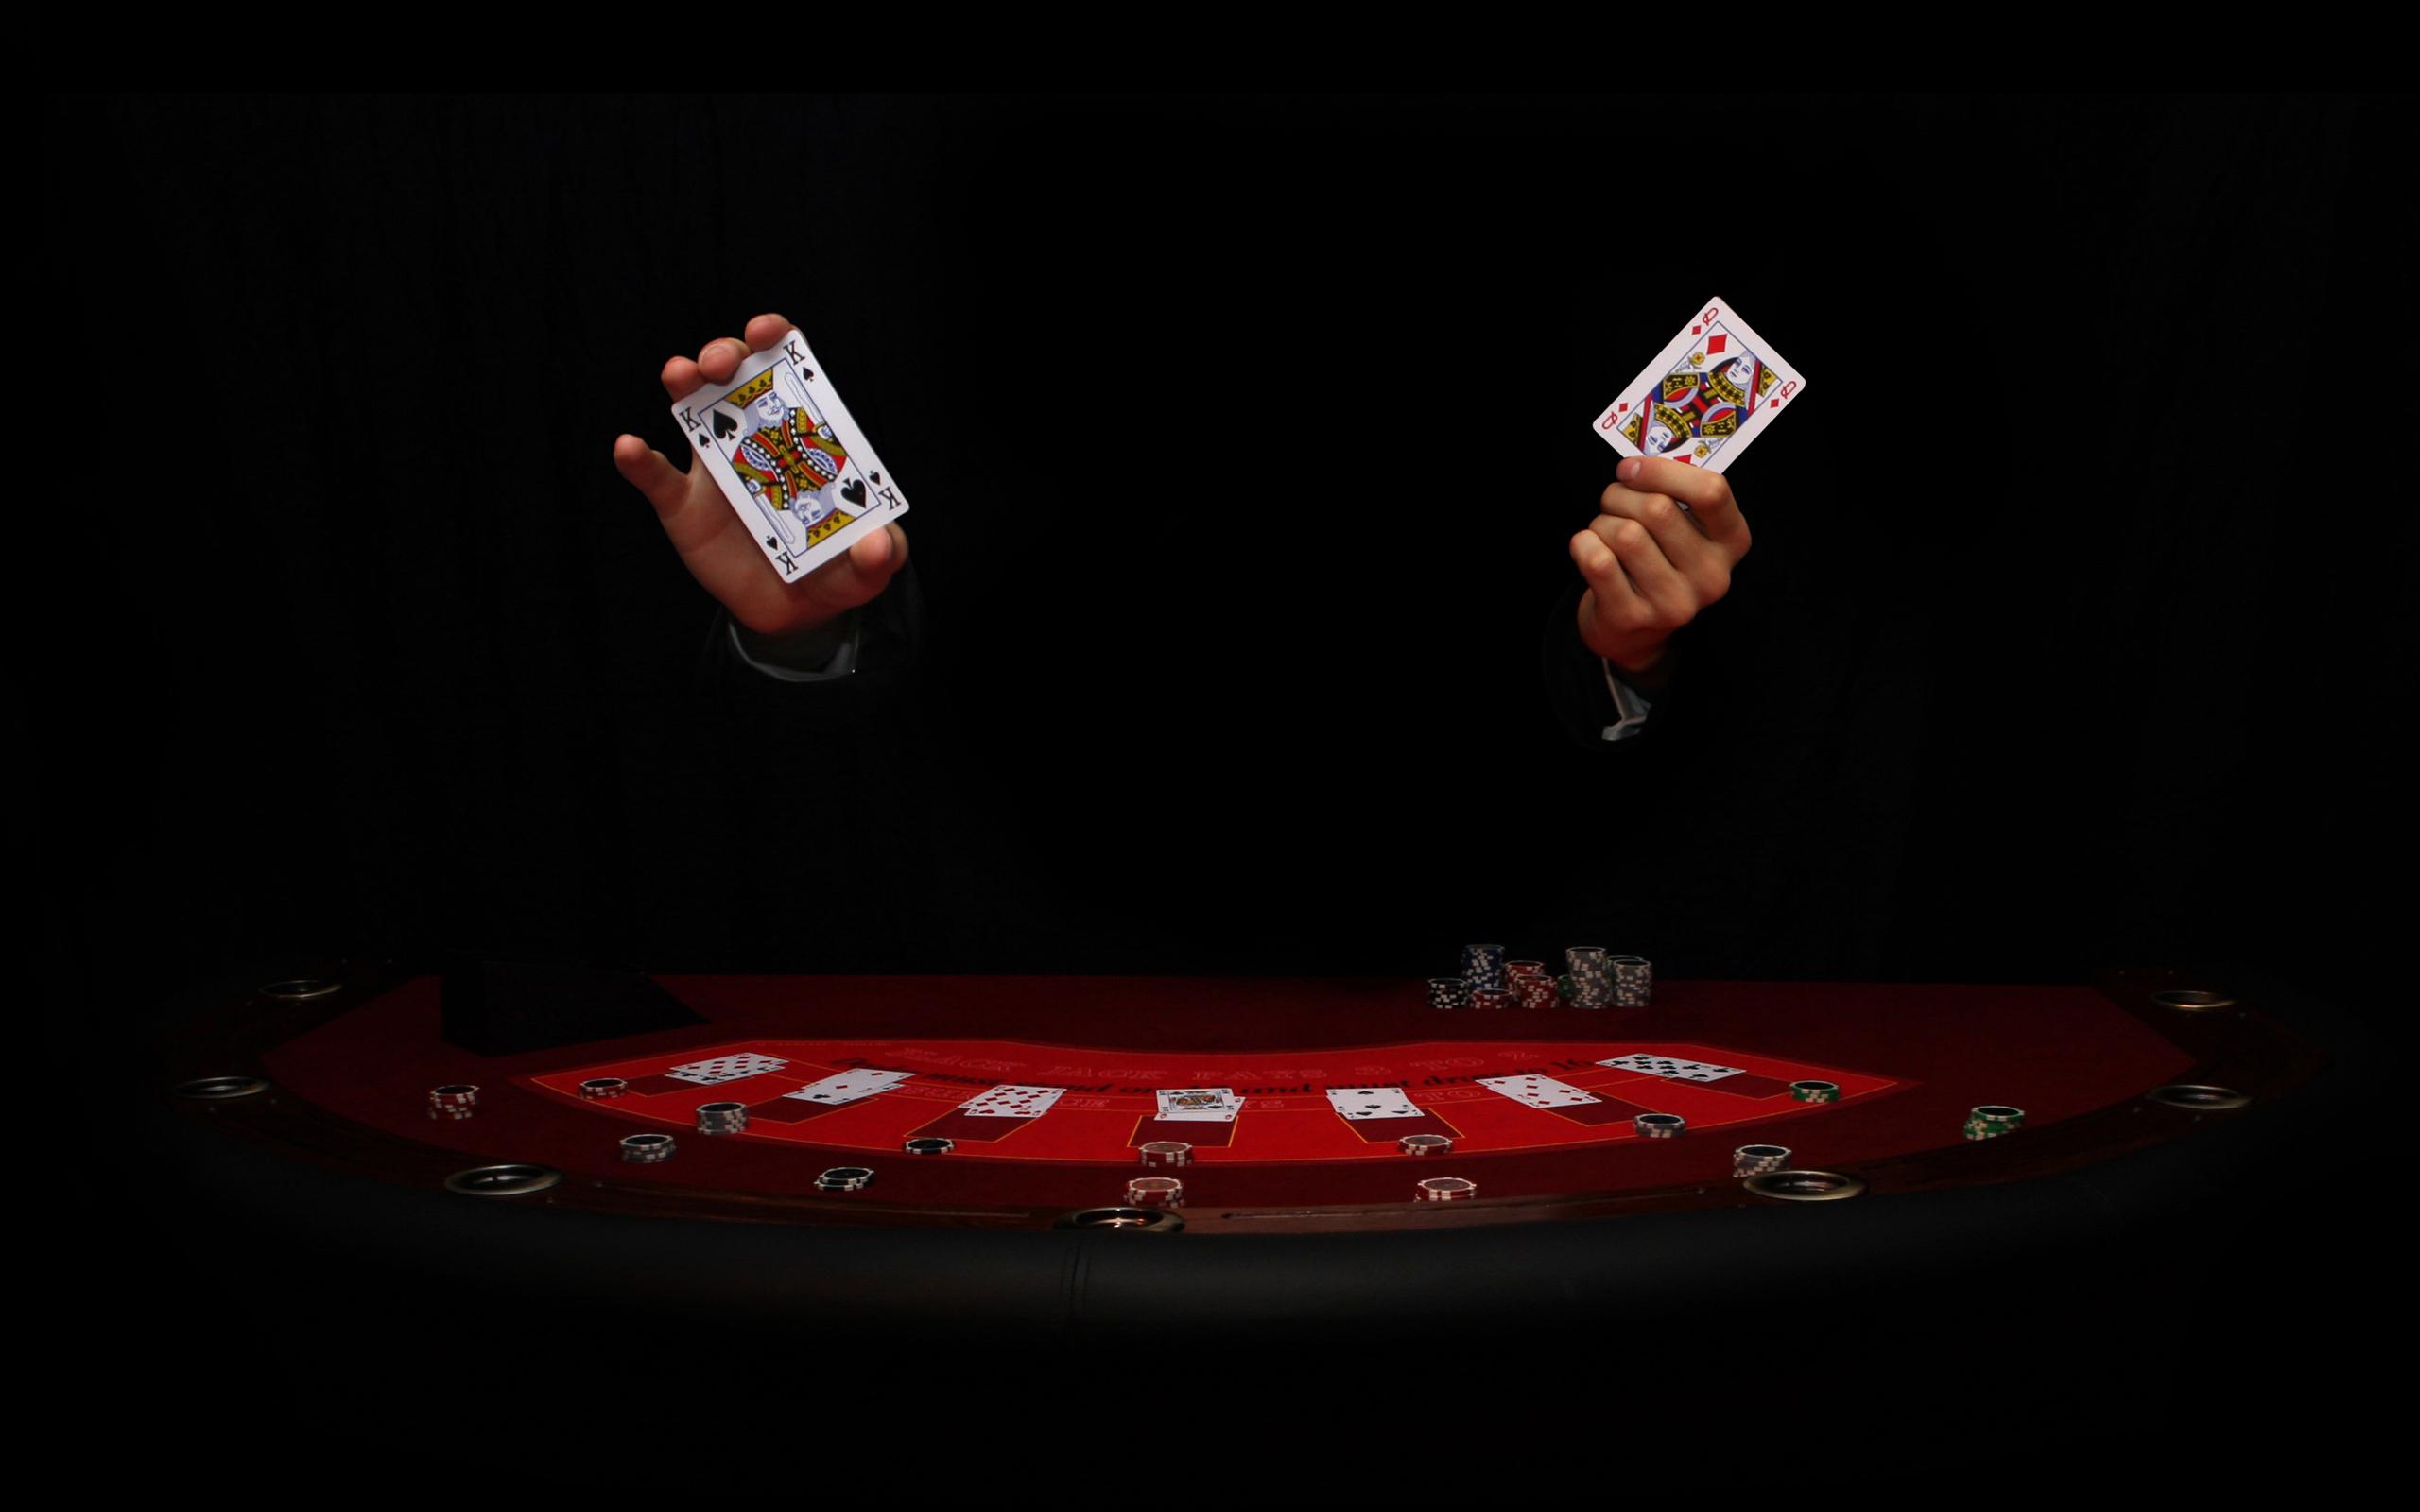 мечет банк в казино